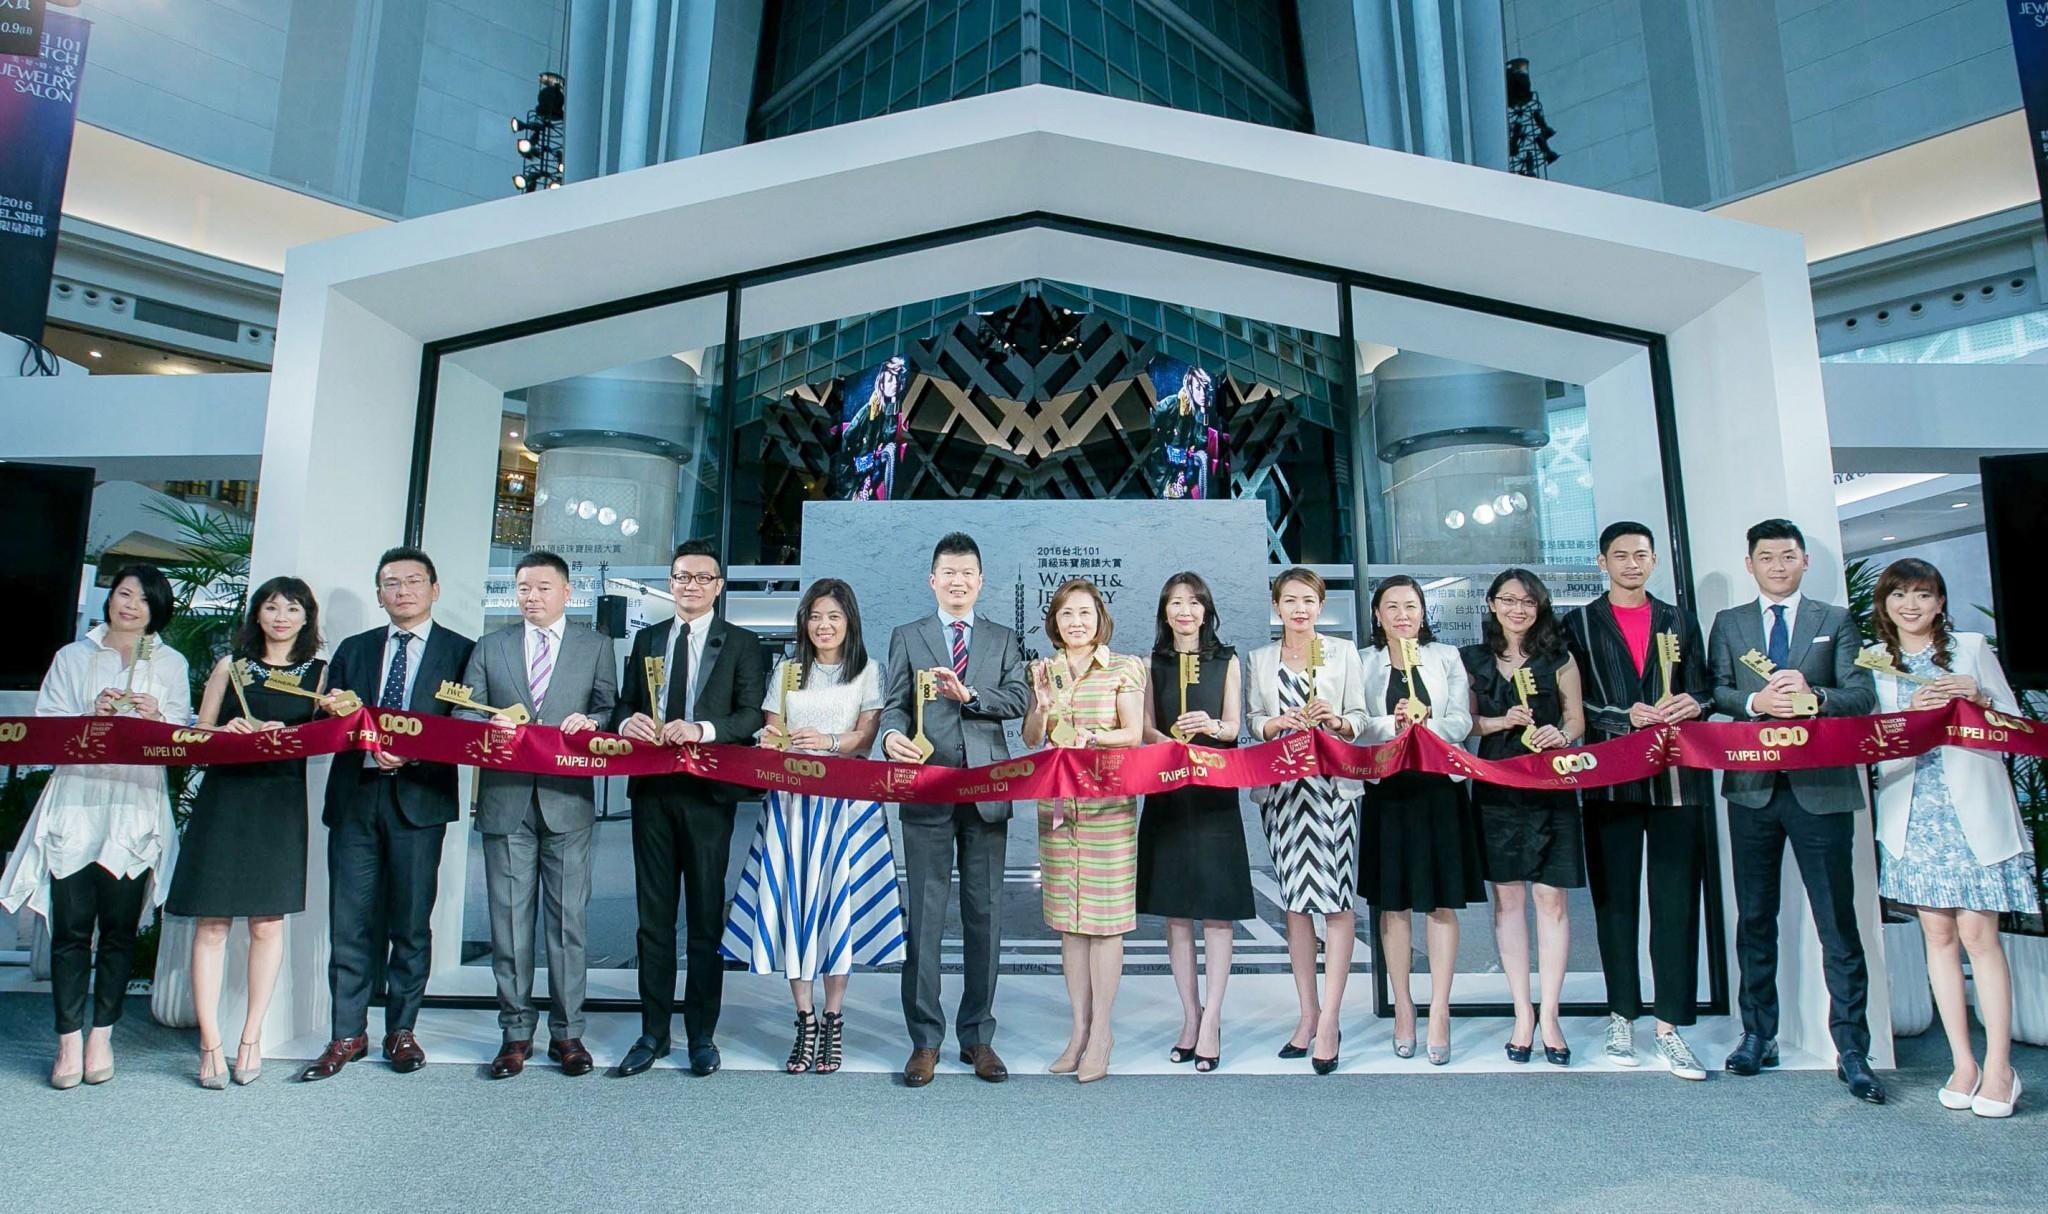 享受「美好時光」:台北101頂級珠寶腕錶大賞盛大揭幕